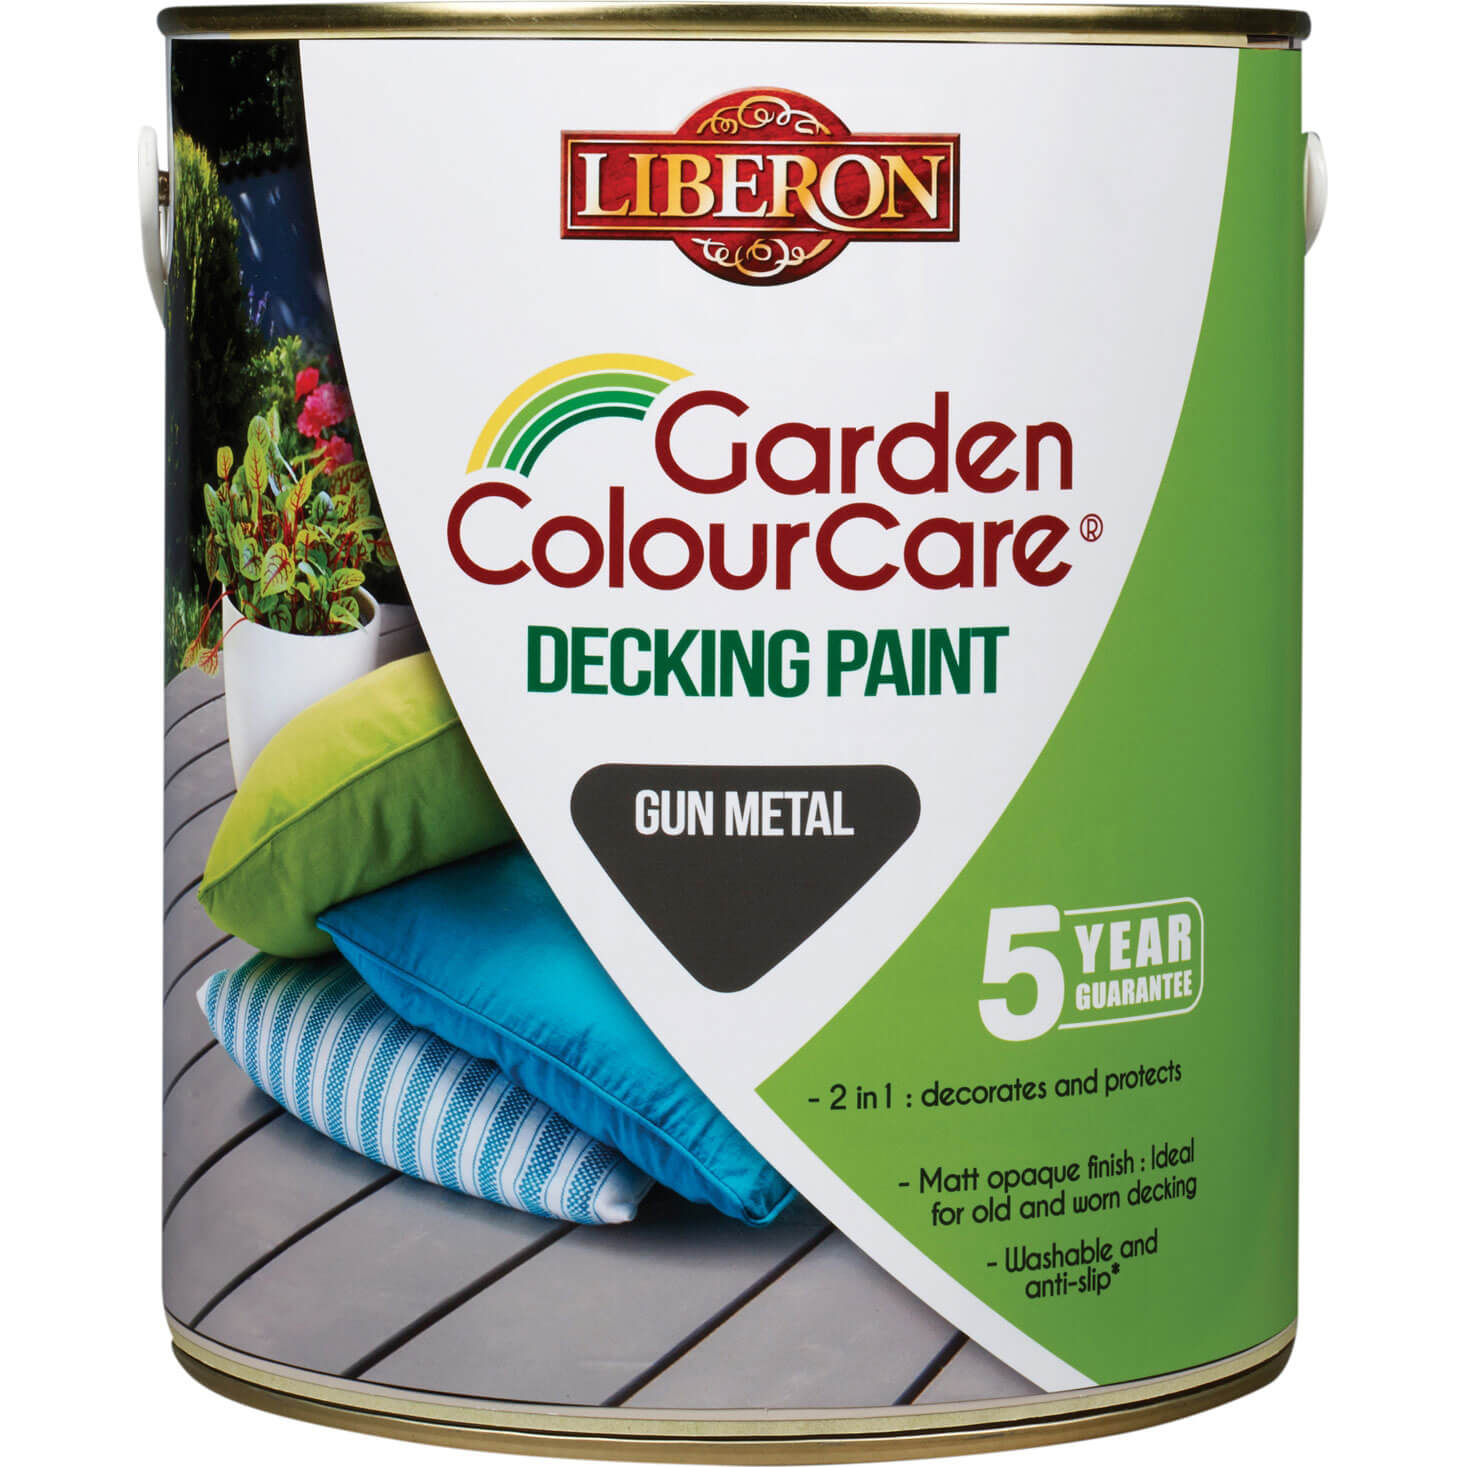 Liberon Decking Paint Gun Metal 2.5l